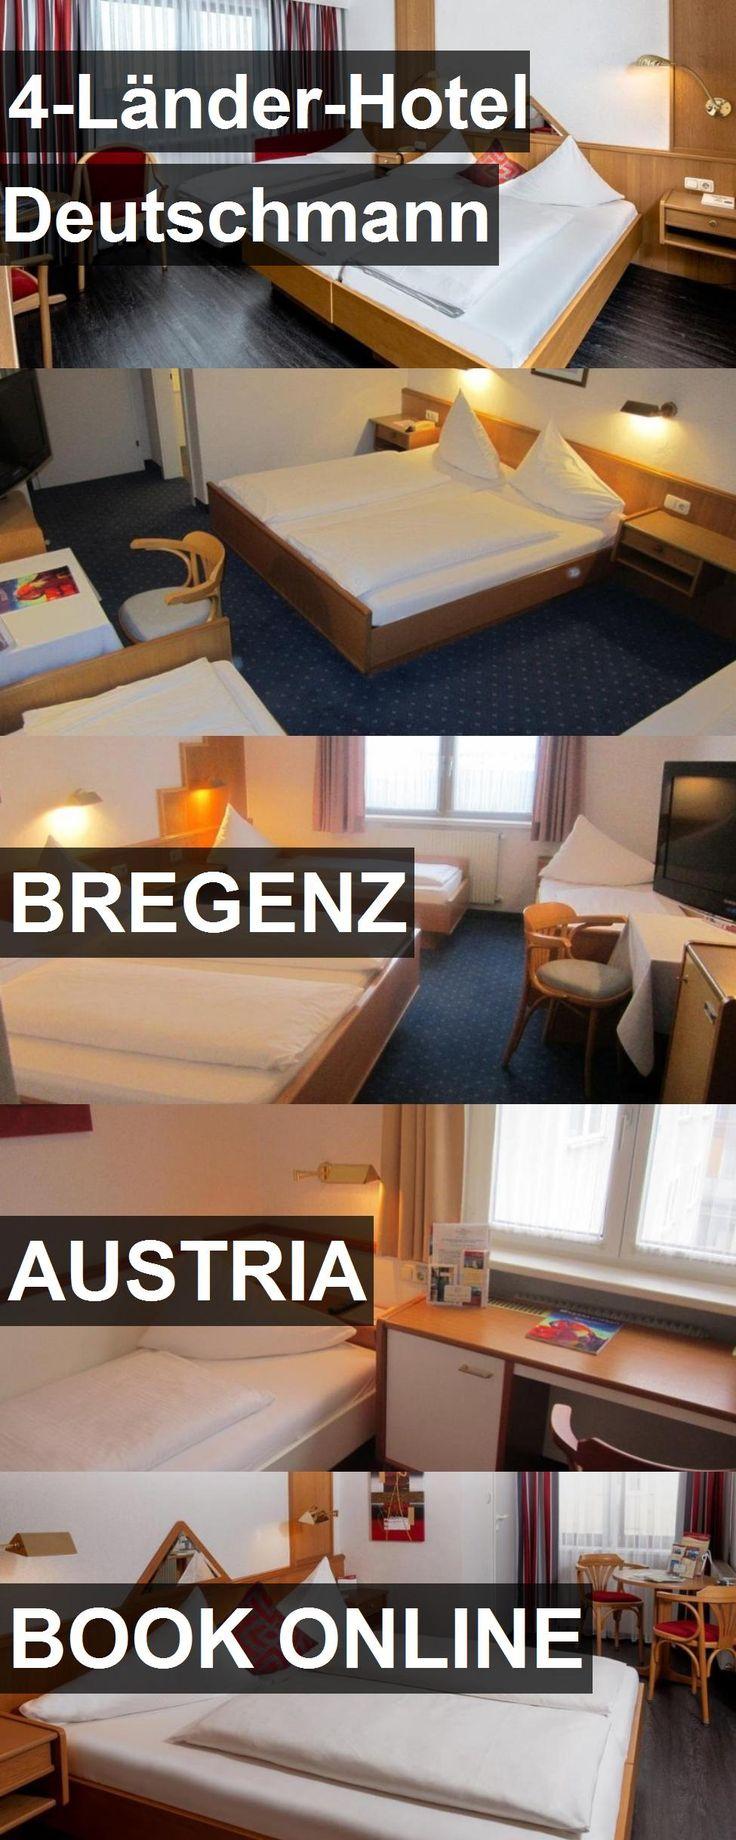 Hotel 4-Länder-Hotel Deutschmann in Bregenz, Austria. For more information, photos, reviews and best prices please follow the link. #Austria #Bregenz #4-Länder-HotelDeutschmann #hotel #travel #vacation